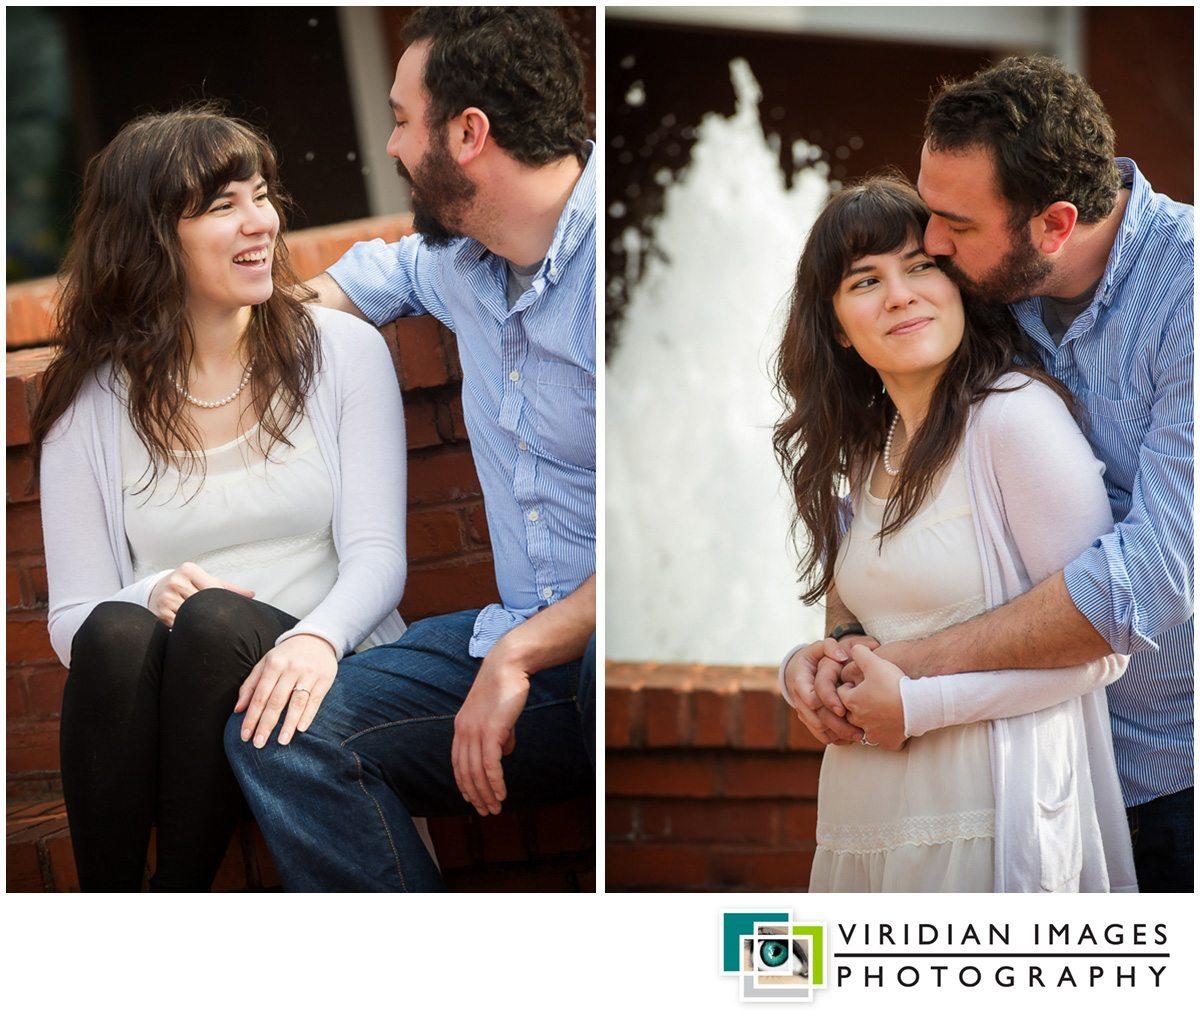 Vinings_engagement_I_J_ViridianImages_photo_2